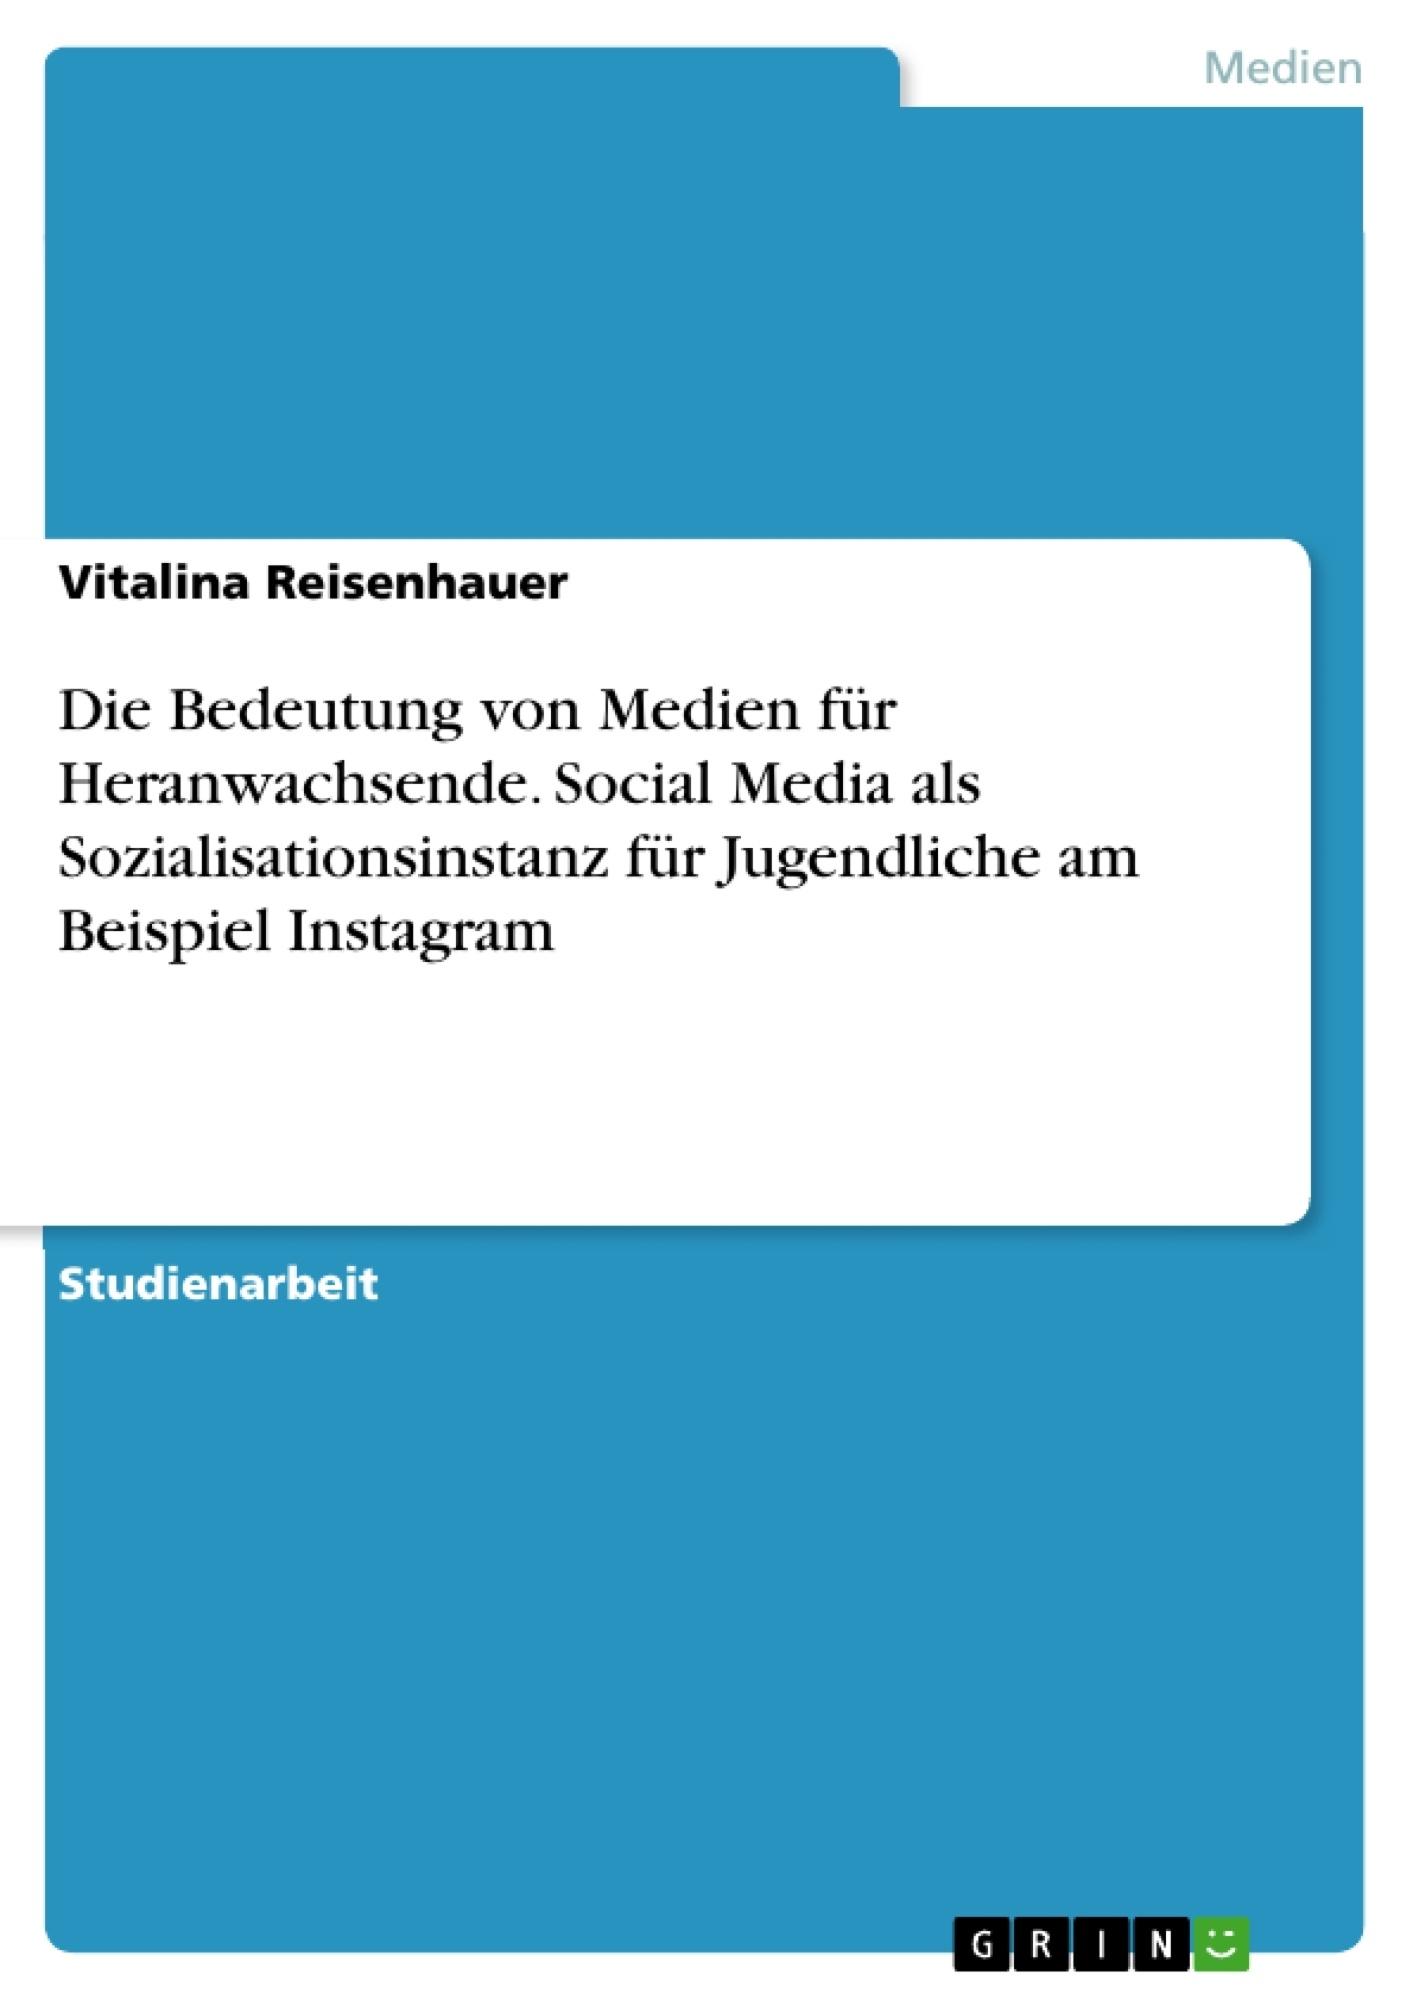 Titel: Die Bedeutung von Medien für Heranwachsende. Social Media als Sozialisationsinstanz für Jugendliche am Beispiel Instagram